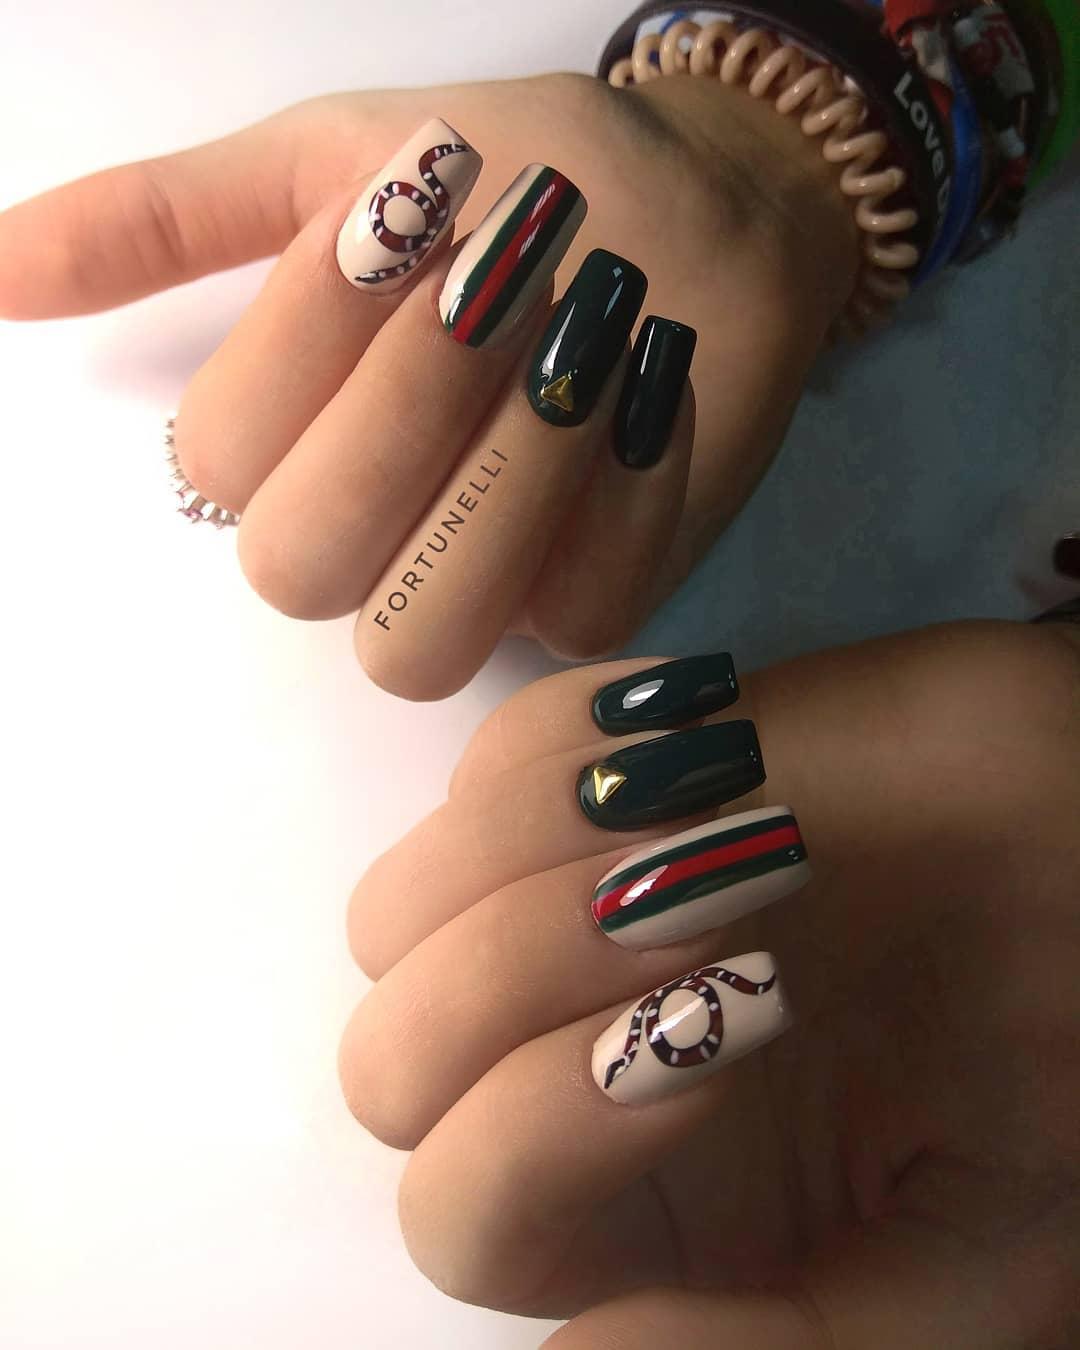 Змеи на ногтях фото_25